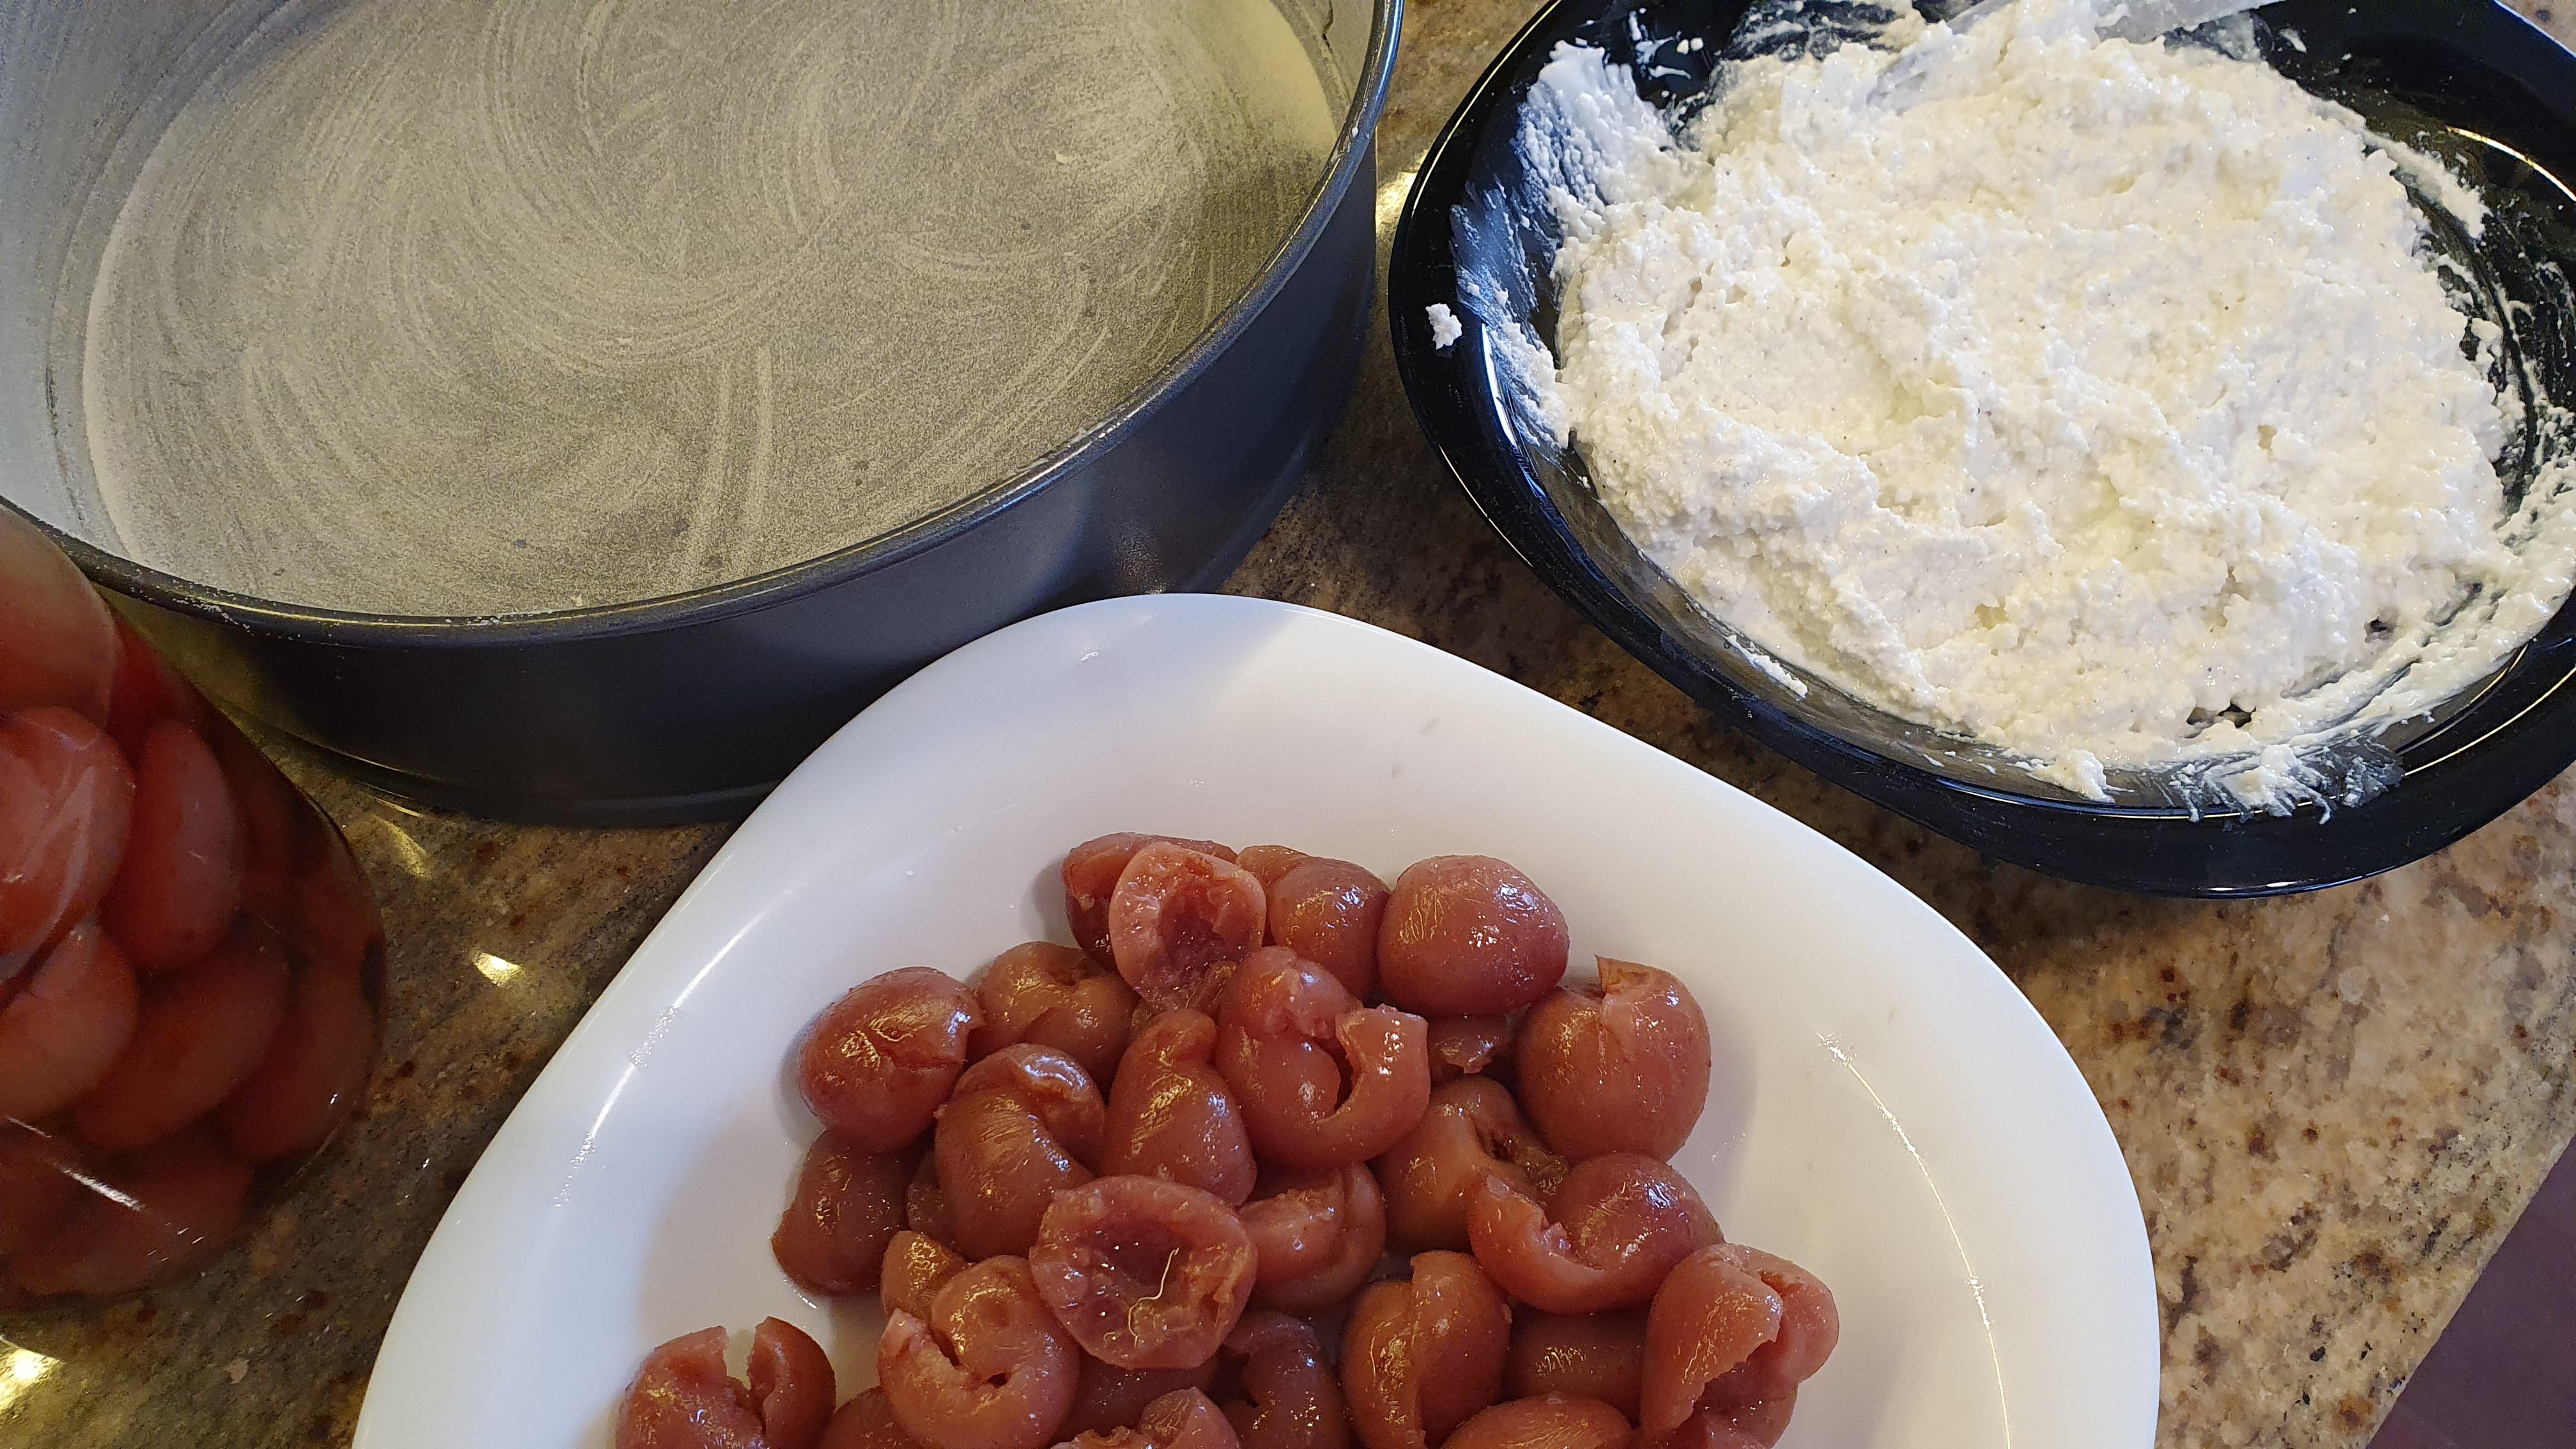 Odkôstkujeme si celý pohár čerešní, vymastíme a múkou vysypeme tortovú formu a vymiešame tvarohovú plnku – 250 g tvarohu, dve lyžice kyslej smotany, lyžica práškového cukru, vanilkový cukor, lyžička citrónovej šťavy a trochu citrónovej kôry.